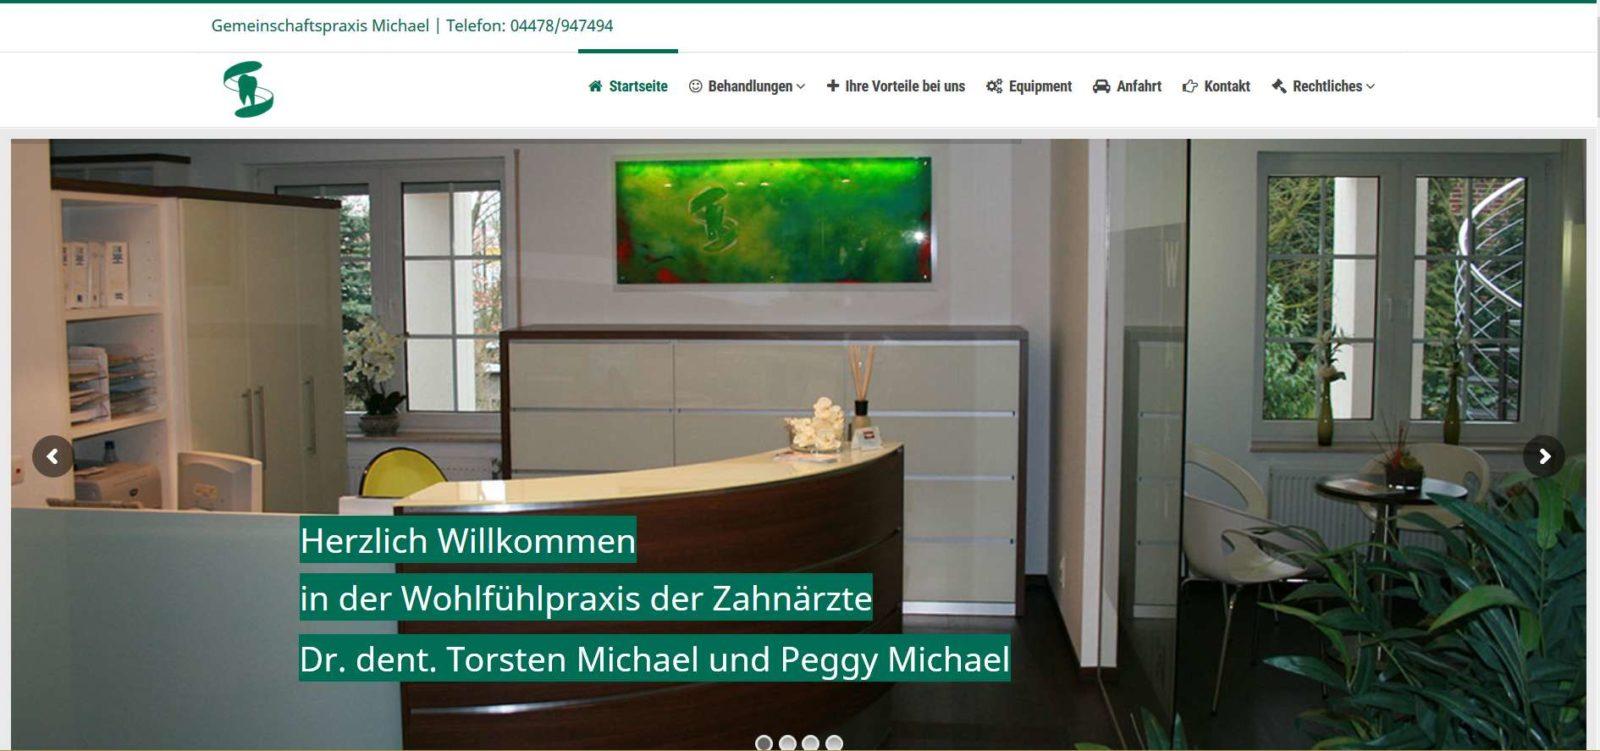 Gemeinschaftspraxis Michael Cappeln